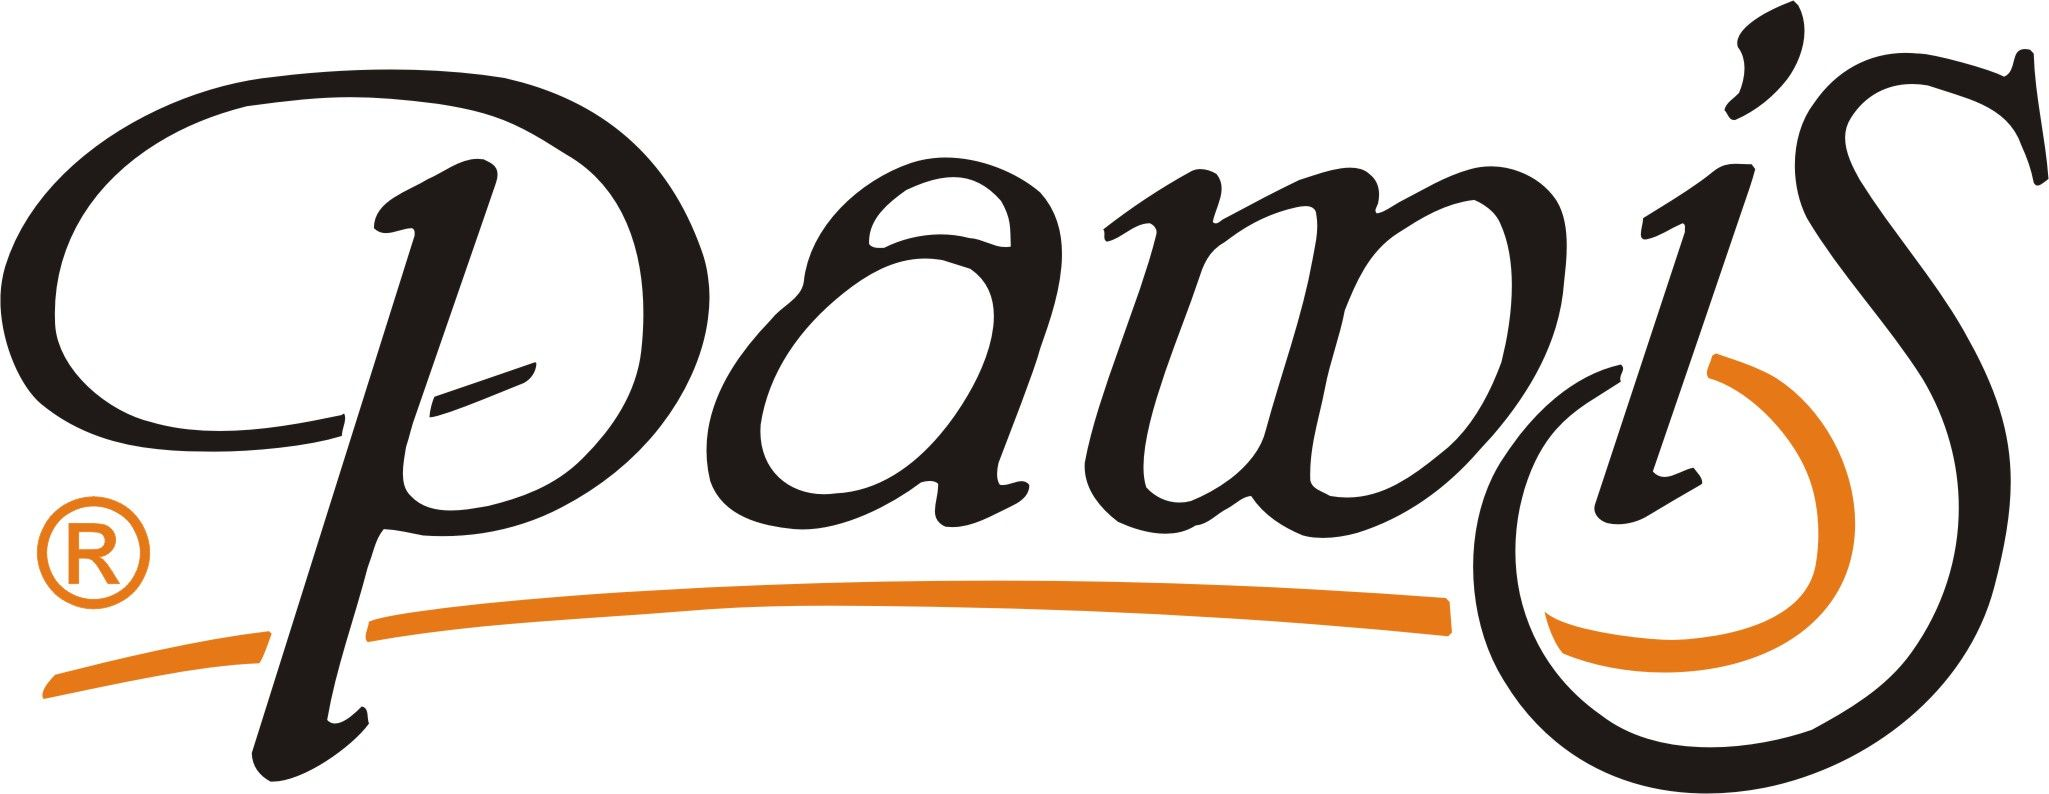 Pawis